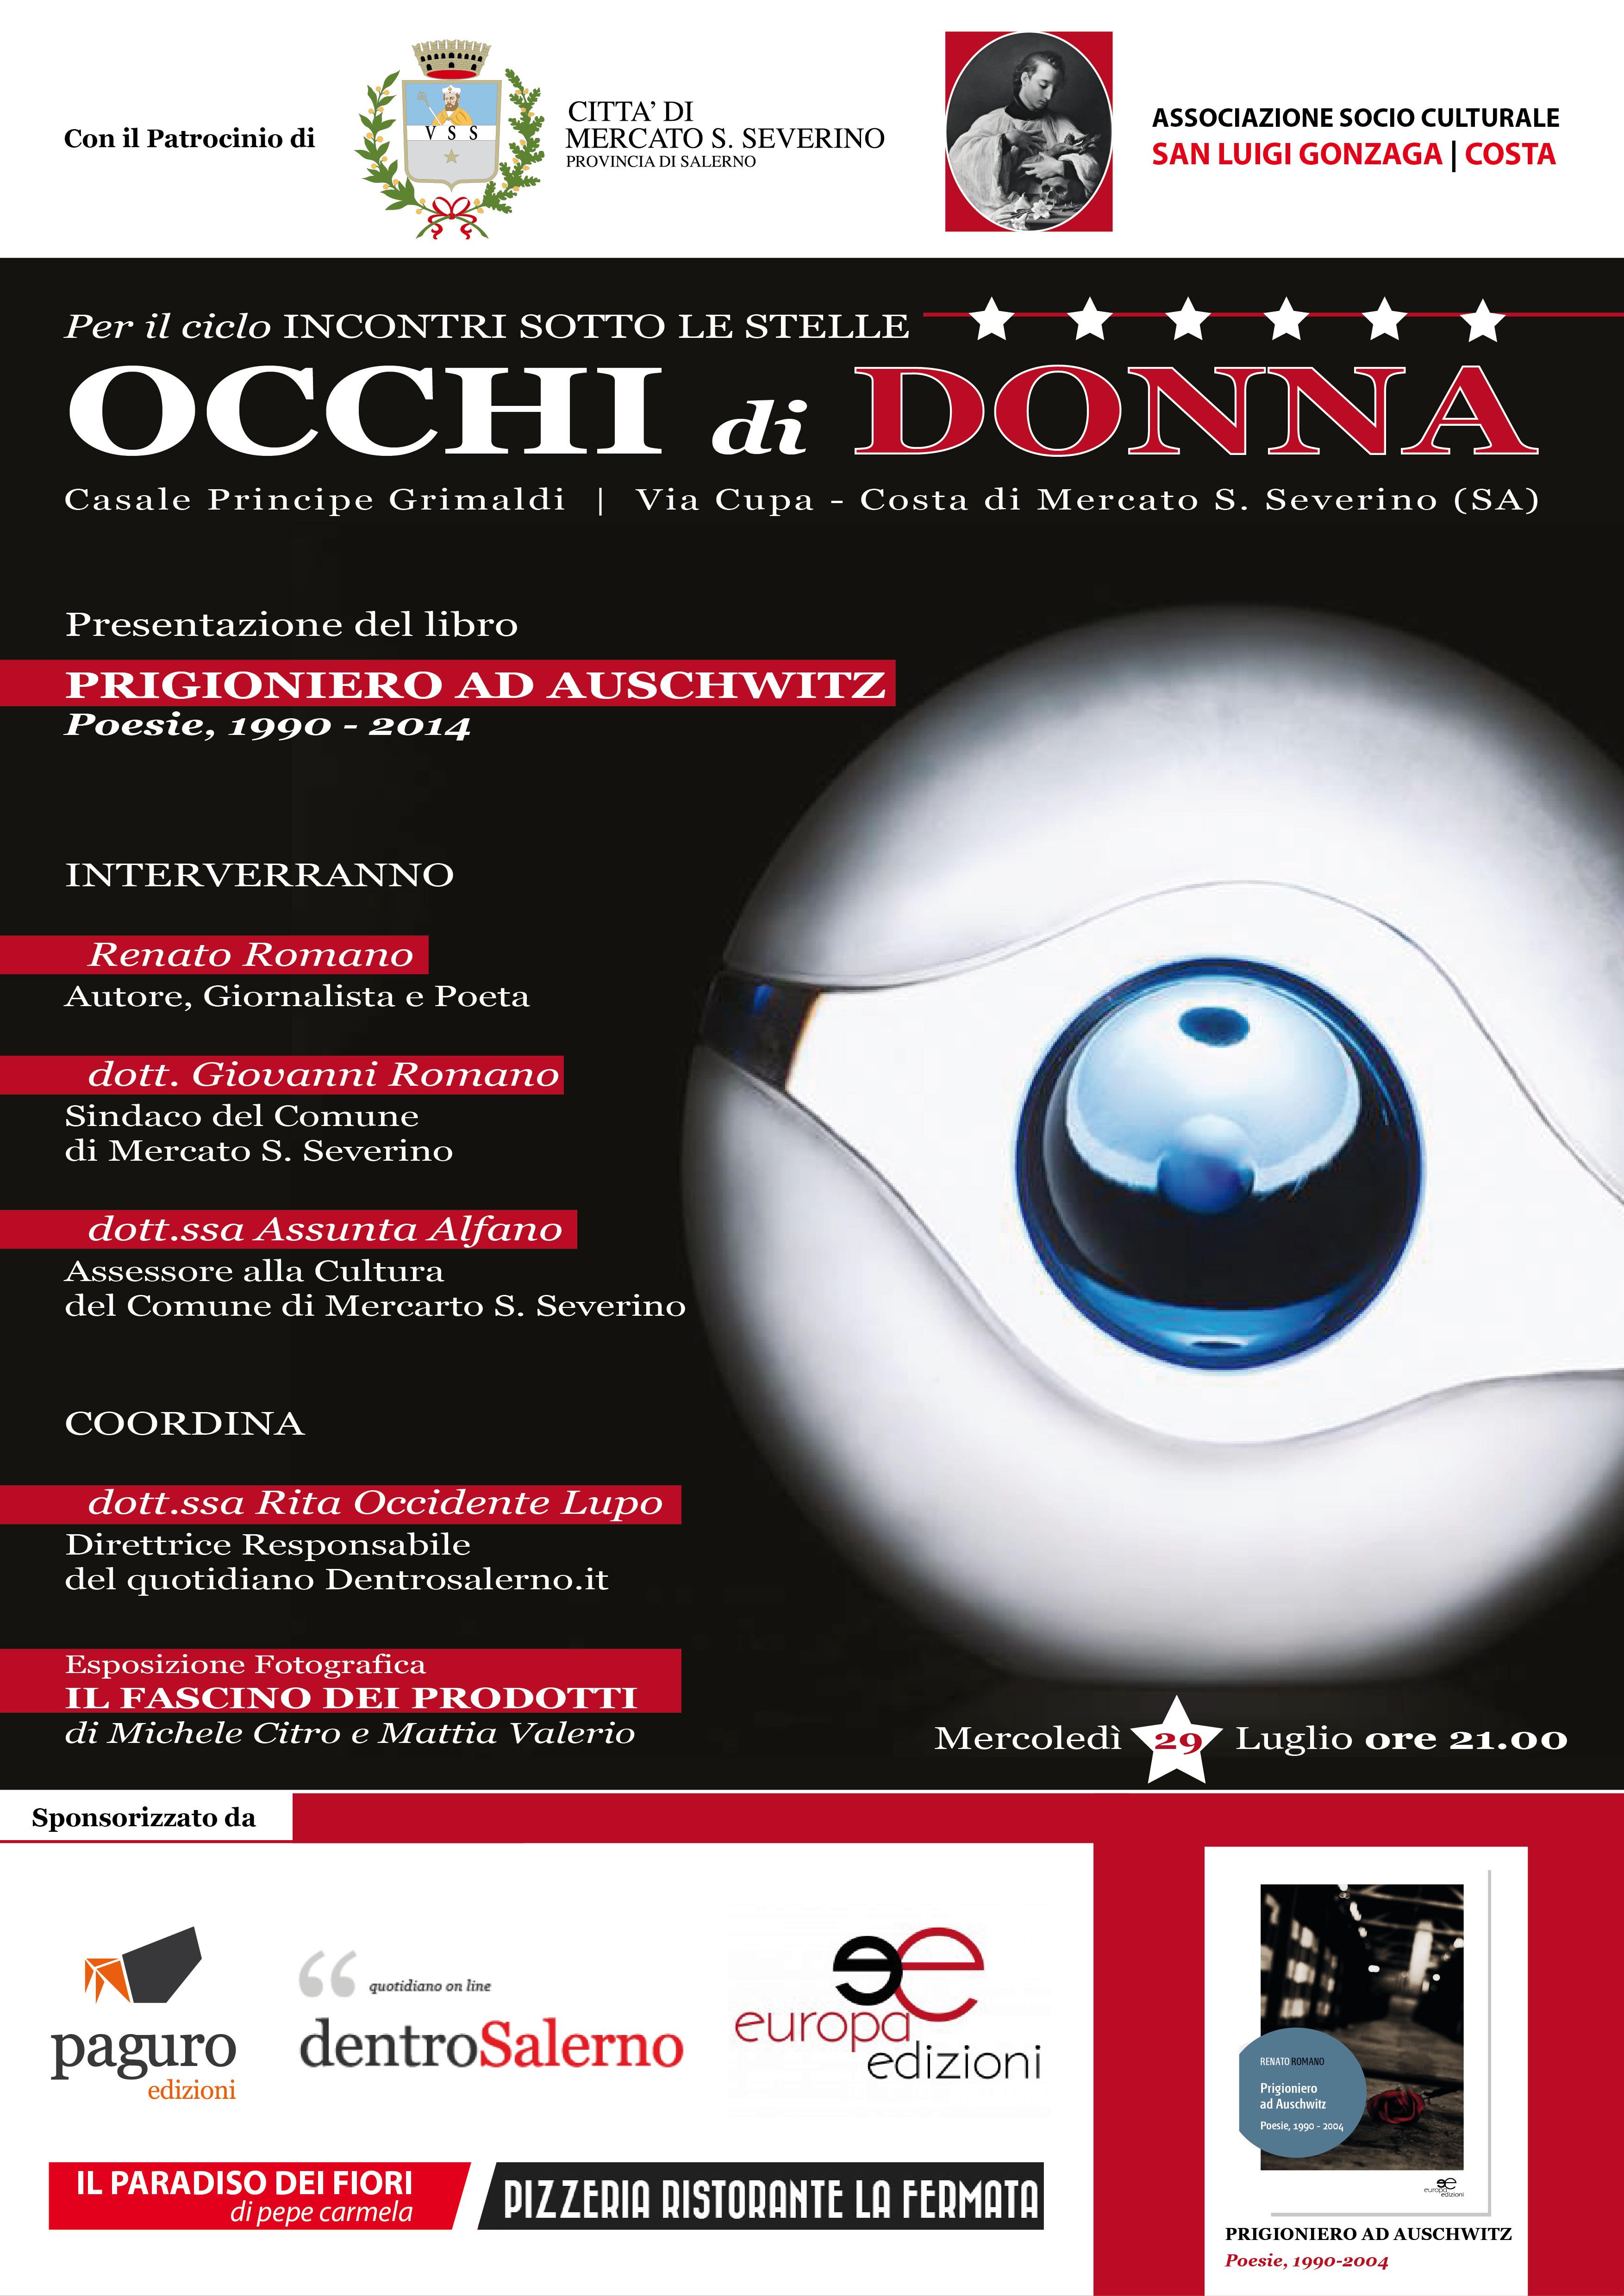 Occhi di Donna - Eventi